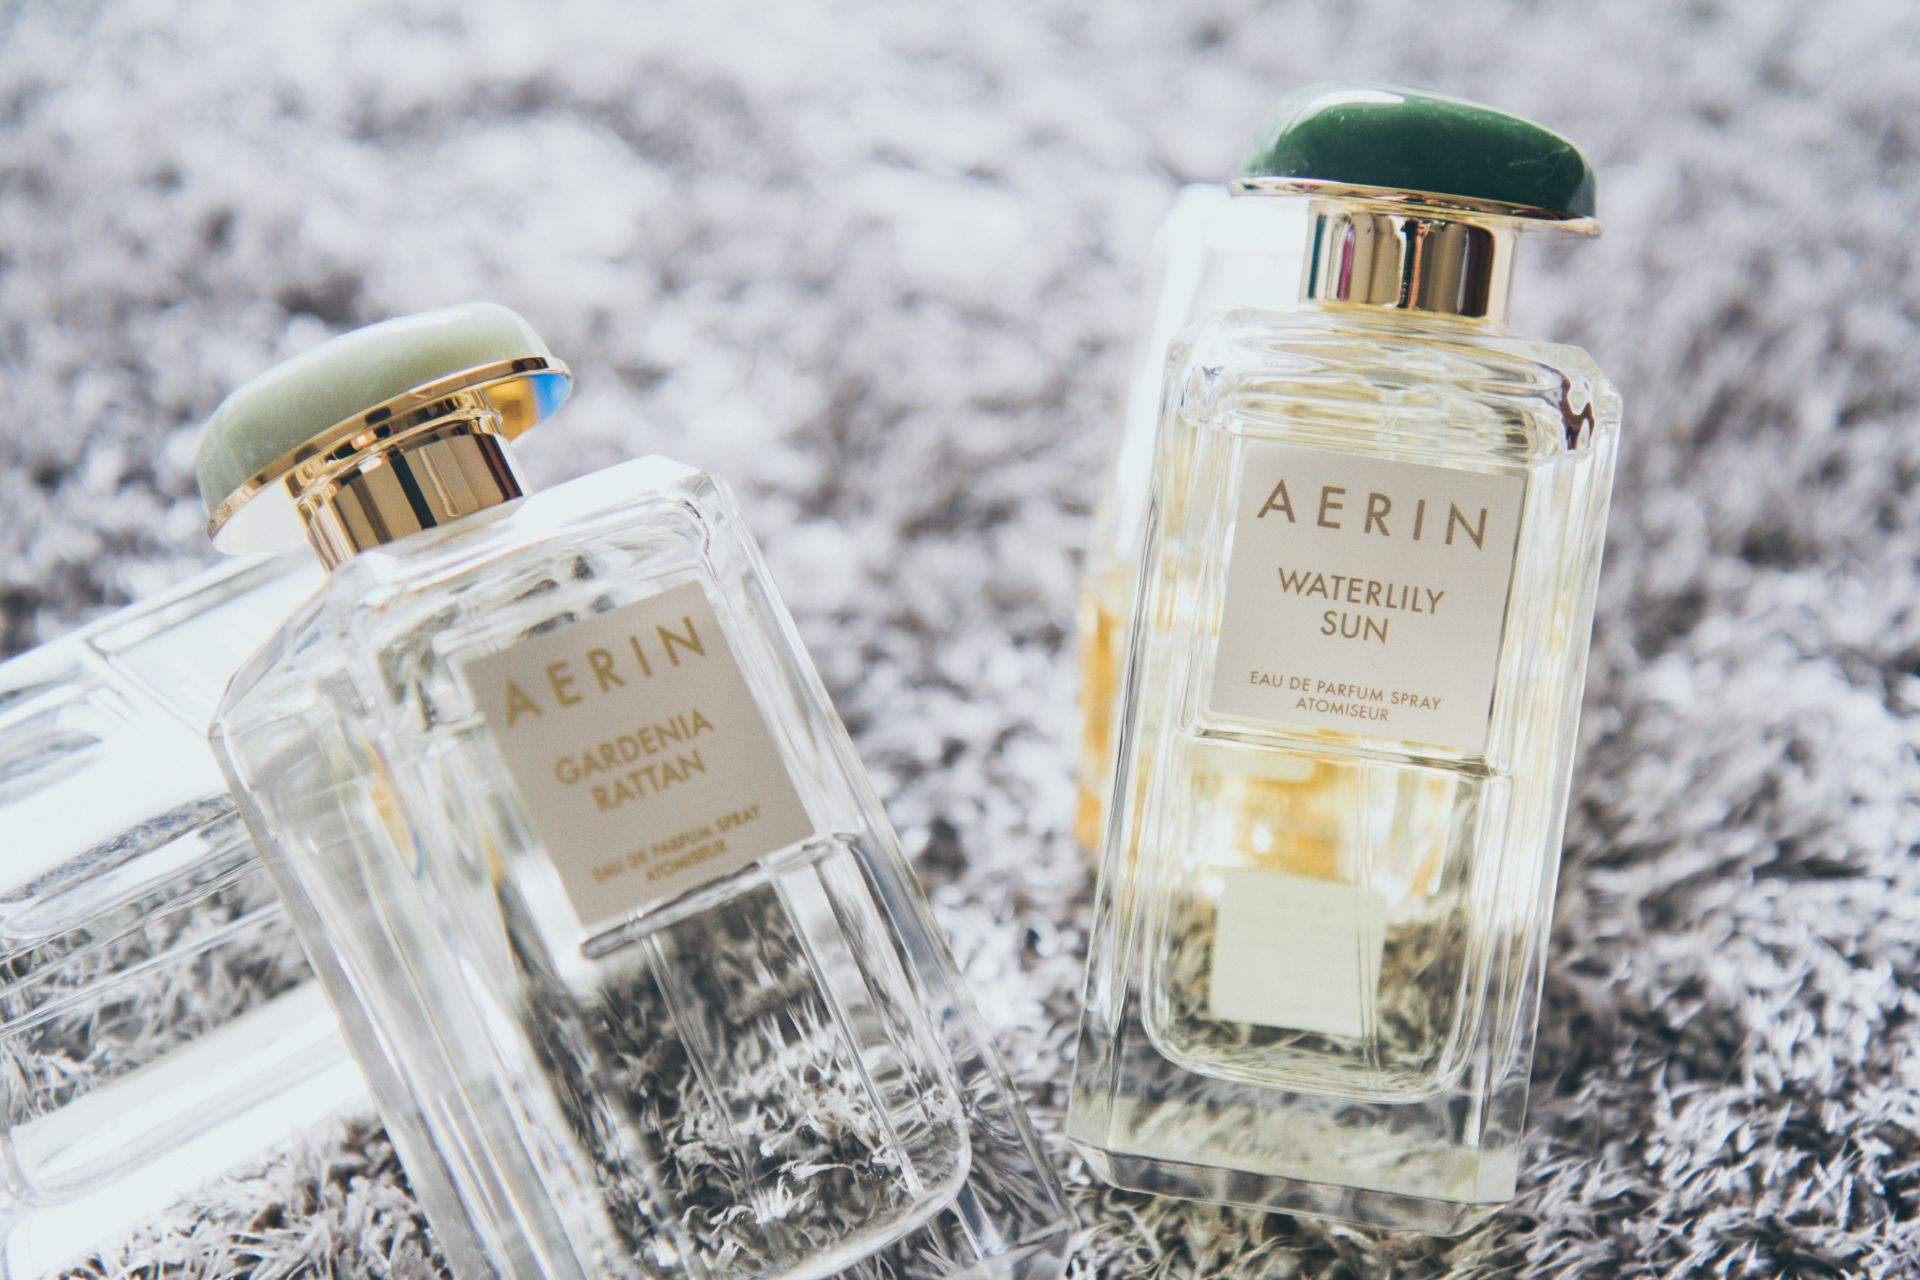 Dlaczego warto się zdecydować na nabycie odpowiedników perfum?